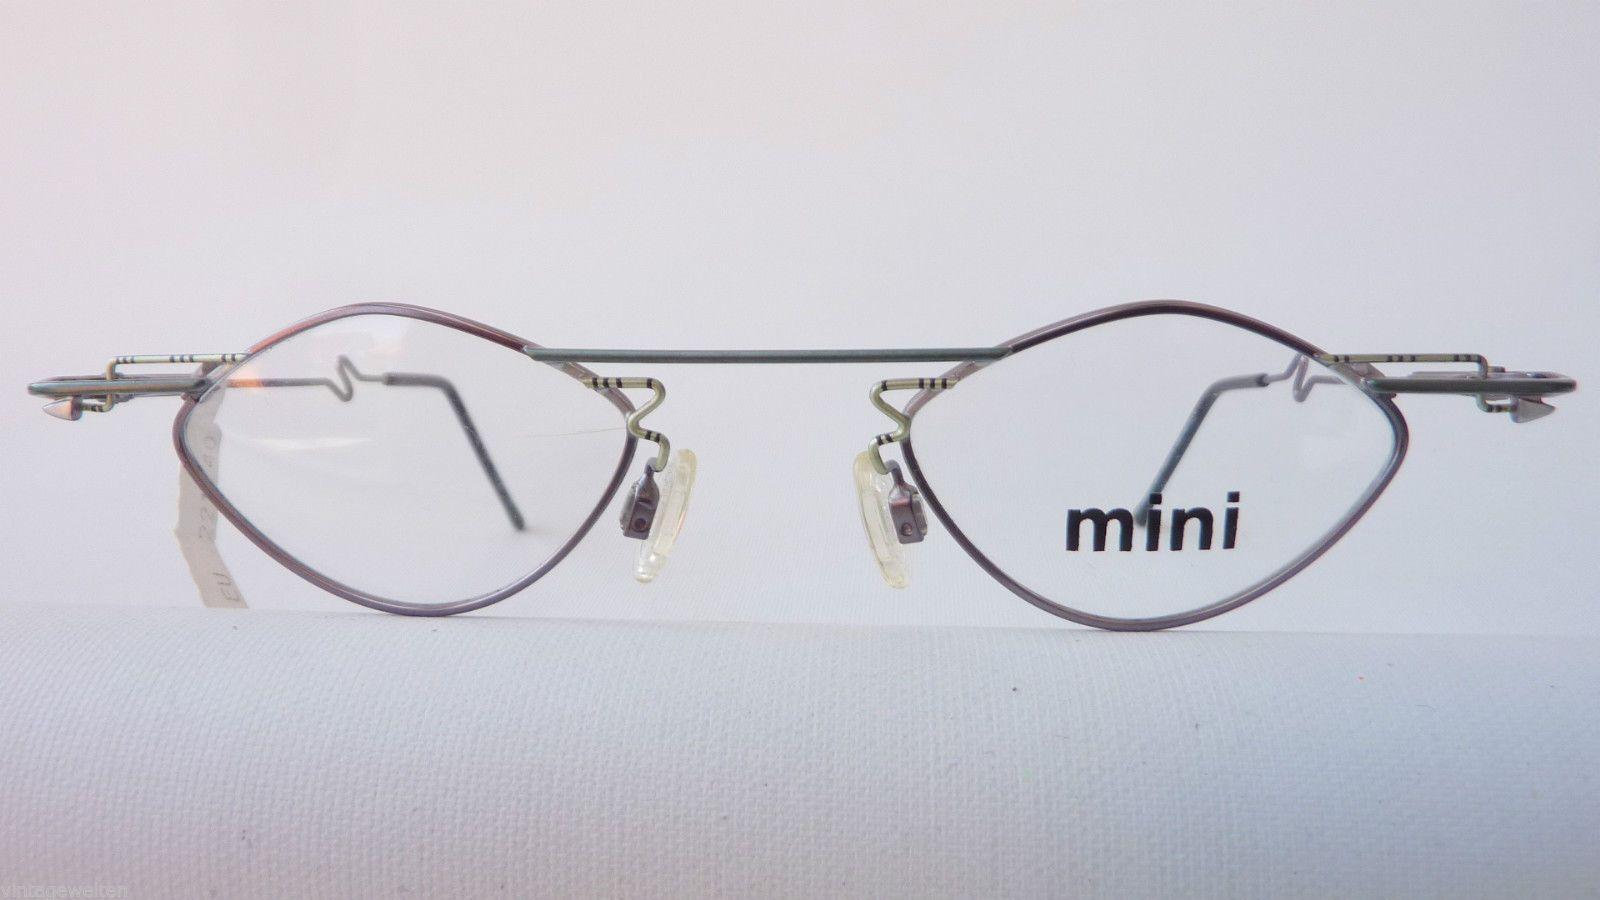 Eyeglass Frame Branded Mini Glasses Small Glass Shape